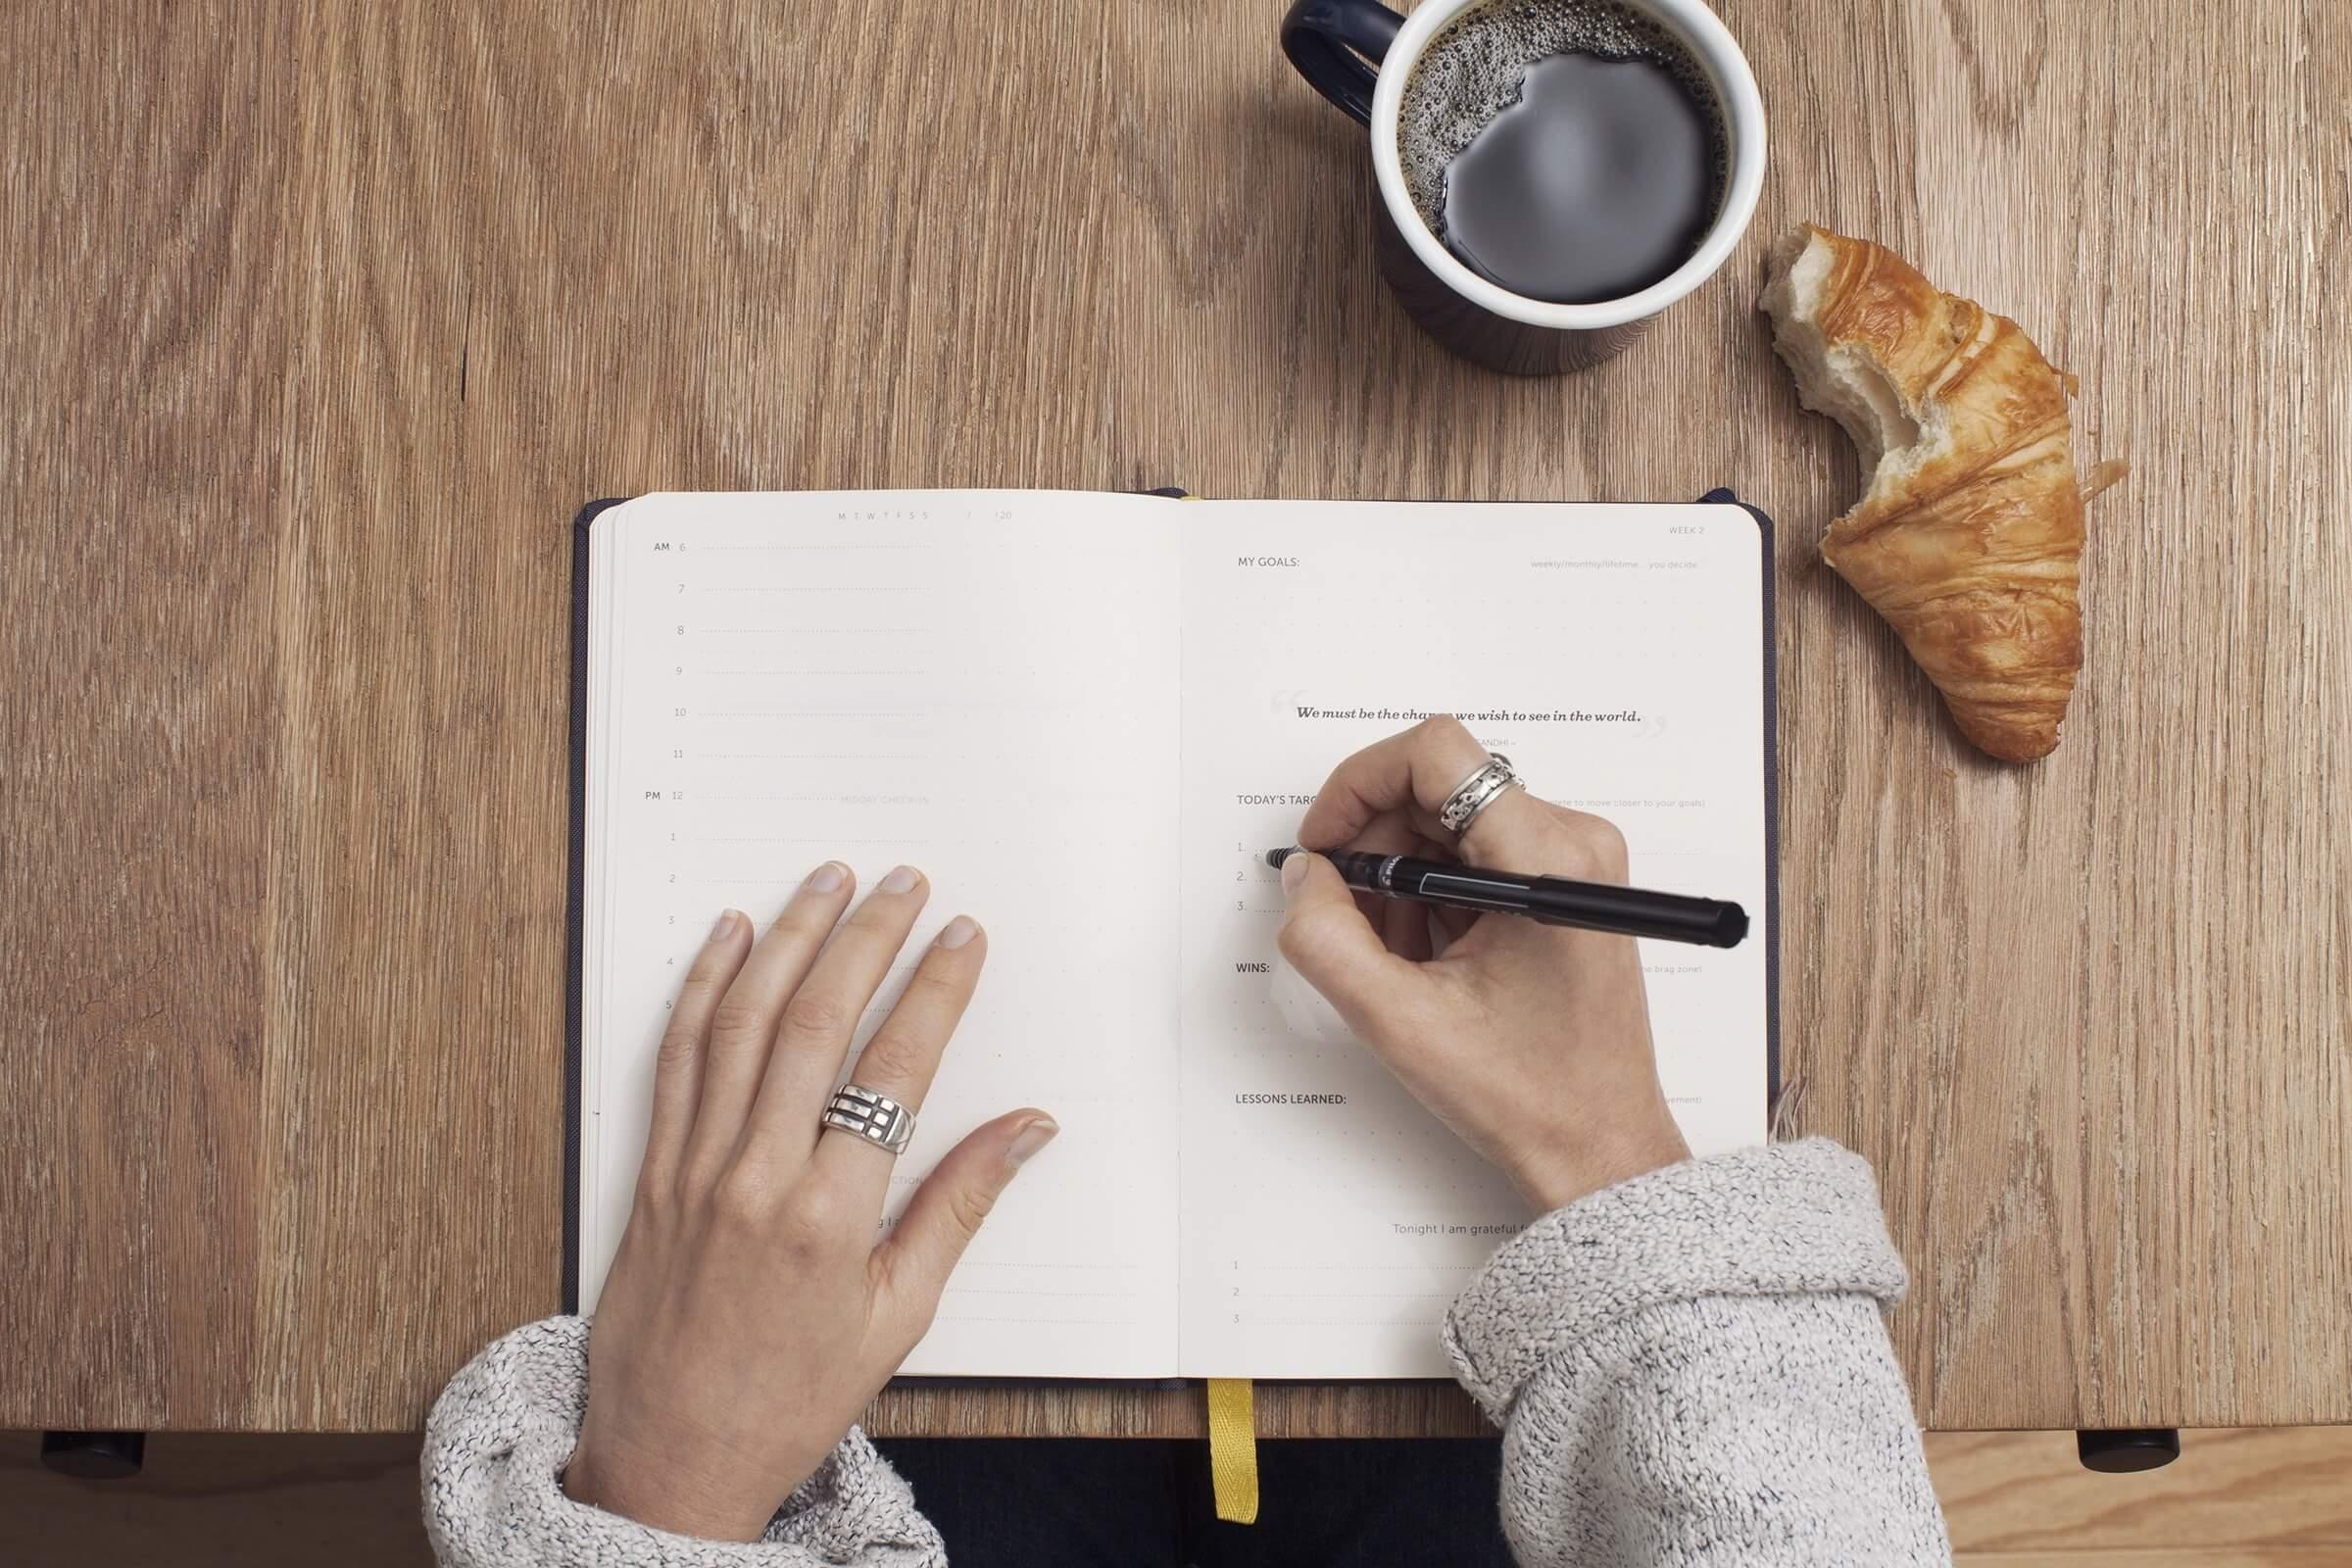 روکیدا - خب، داستان شما چیست؟ 3 راهی که داستانسرایی به تقویت کسبوکار شما کمک میکند - استراتژی بازاریابی, افزایش فروش, بازاریابی اینترنتی, بازاریابی محتوا, زندگی و استارتاپ, مدیریت استارتاپ, مدیریت کسب و کار